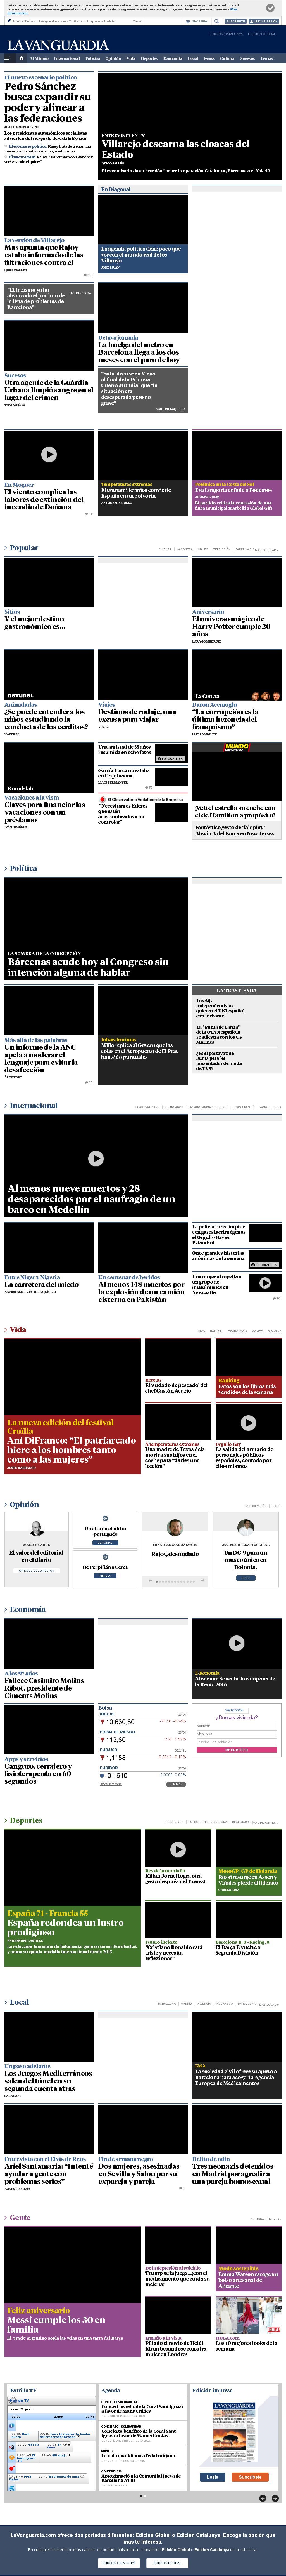 La Vanguardia at Monday June 26, 2017, 6:22 a.m. UTC